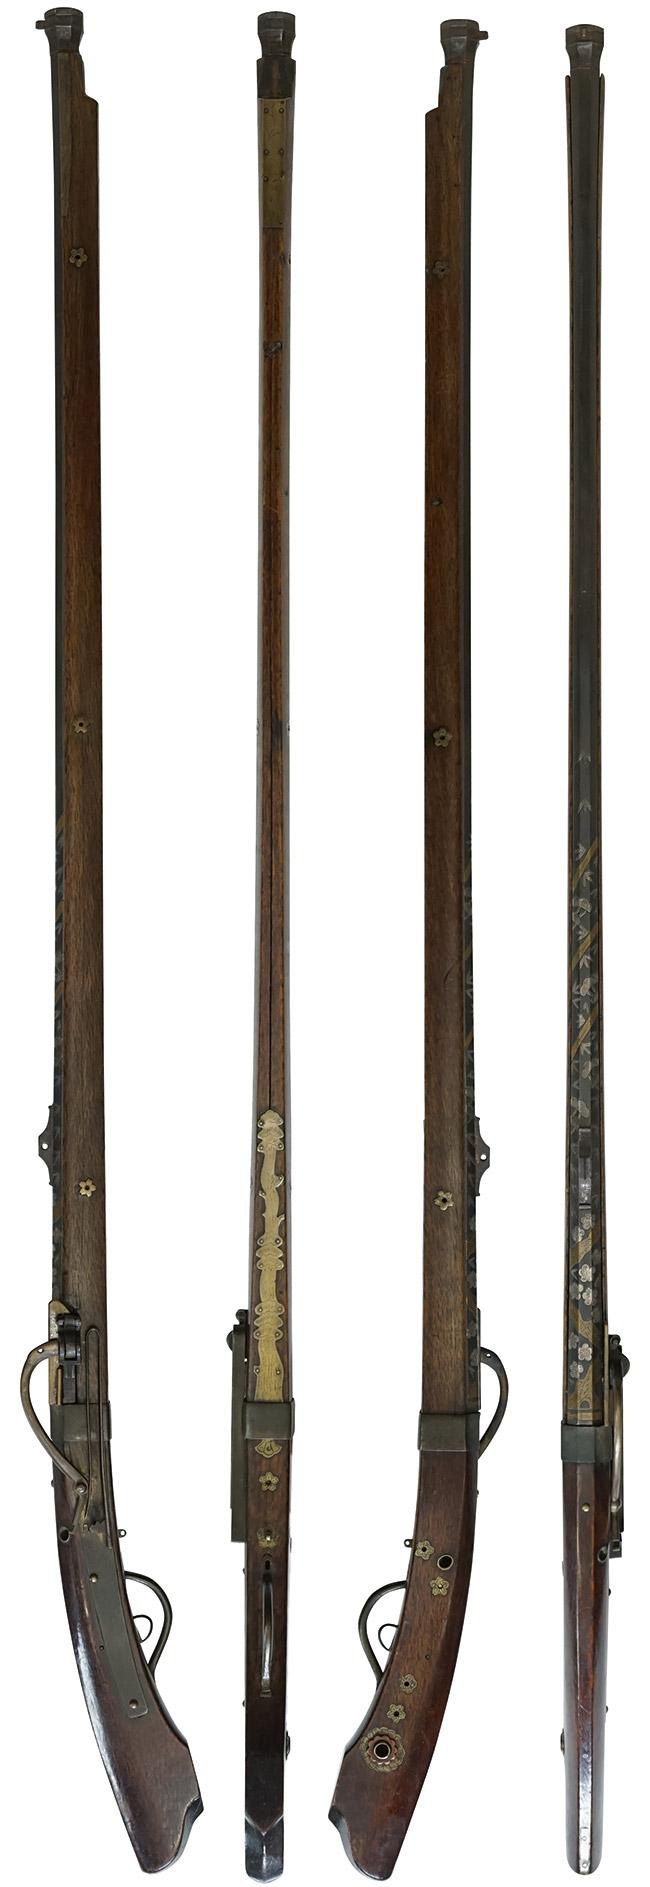 【6320】火縄銃-細筒-(銃砲刀剣類登録証付古式銃、在銘廣島-大下林助作)上.jpg